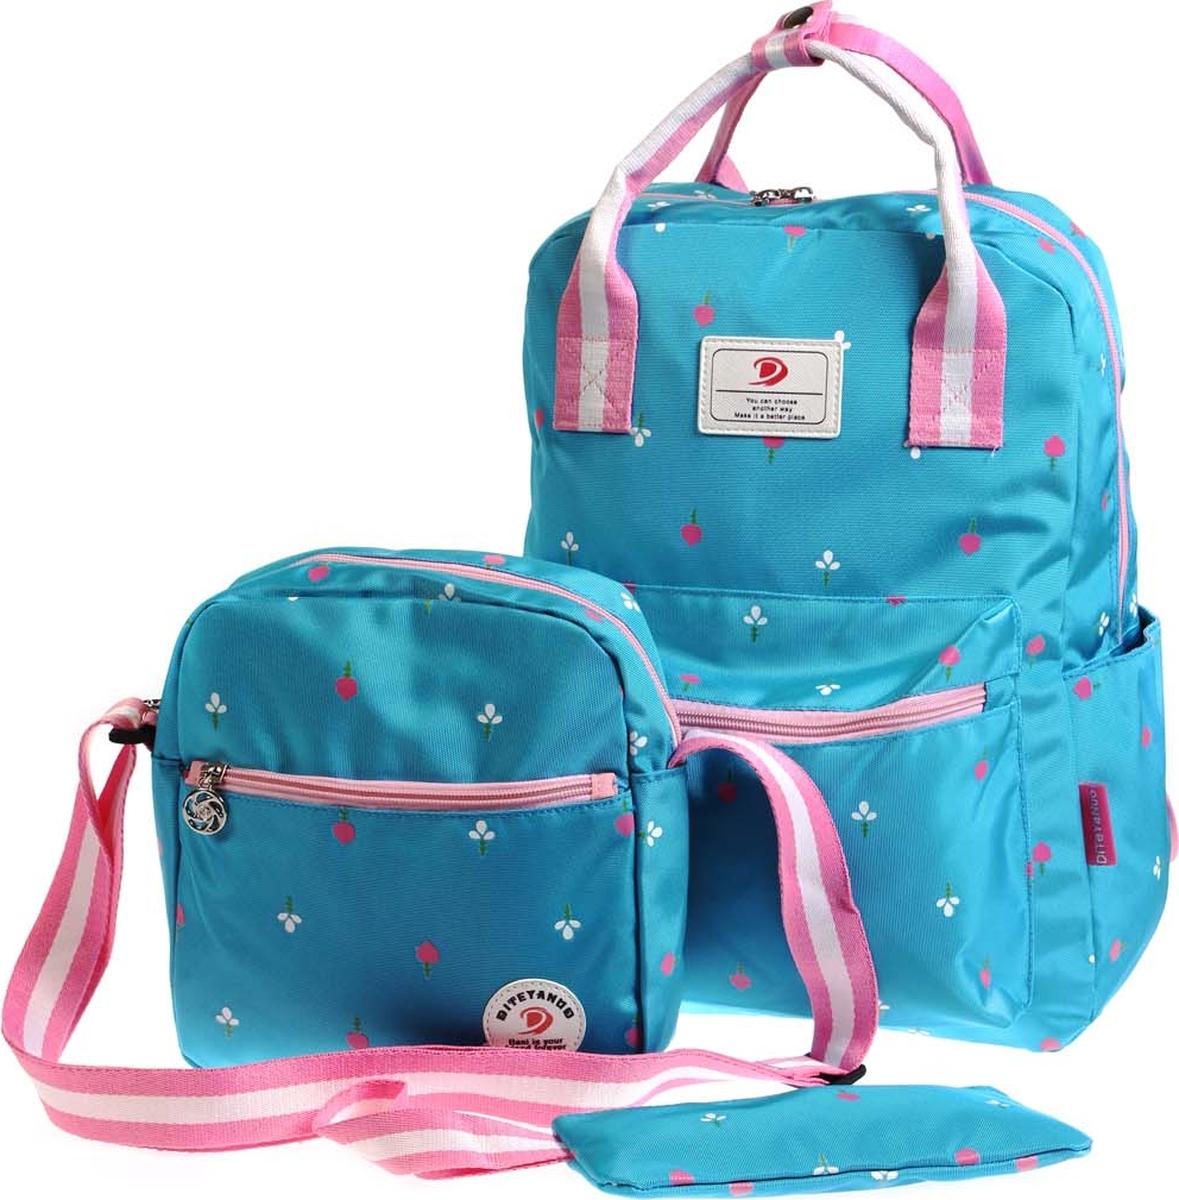 Vittorio Richi Рюкзак детский с наполнением цвет голубой розовый K05R5521 vittorio richi рюкзак детский с наполнением цвет голубой k05r5505